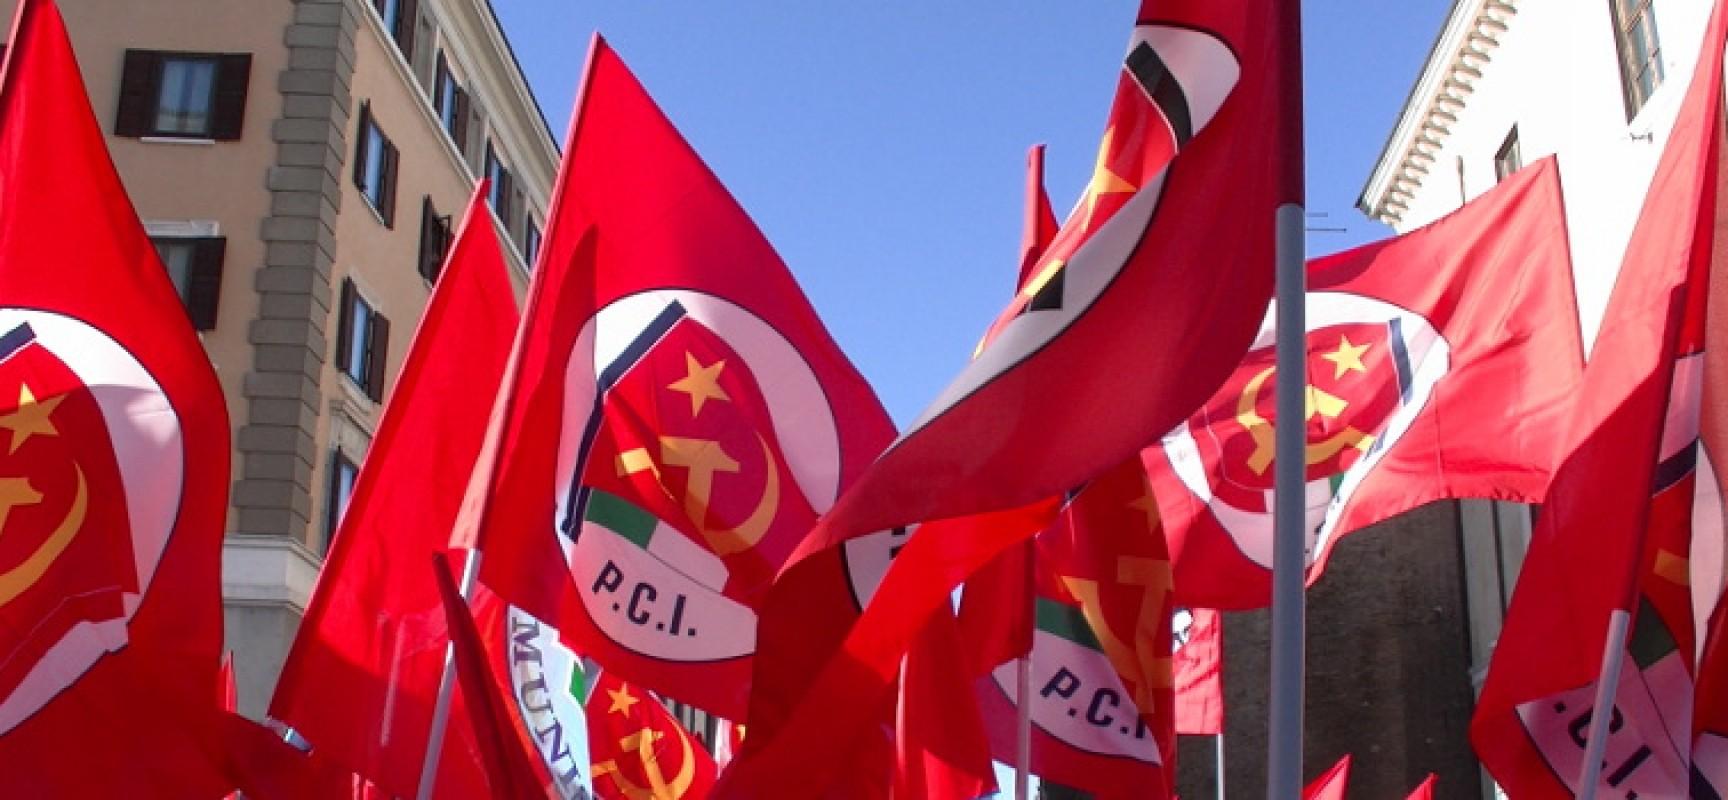 """Politiche 2018, il Partito comunista biscegliese sceglie """"Potere al Popolo"""""""